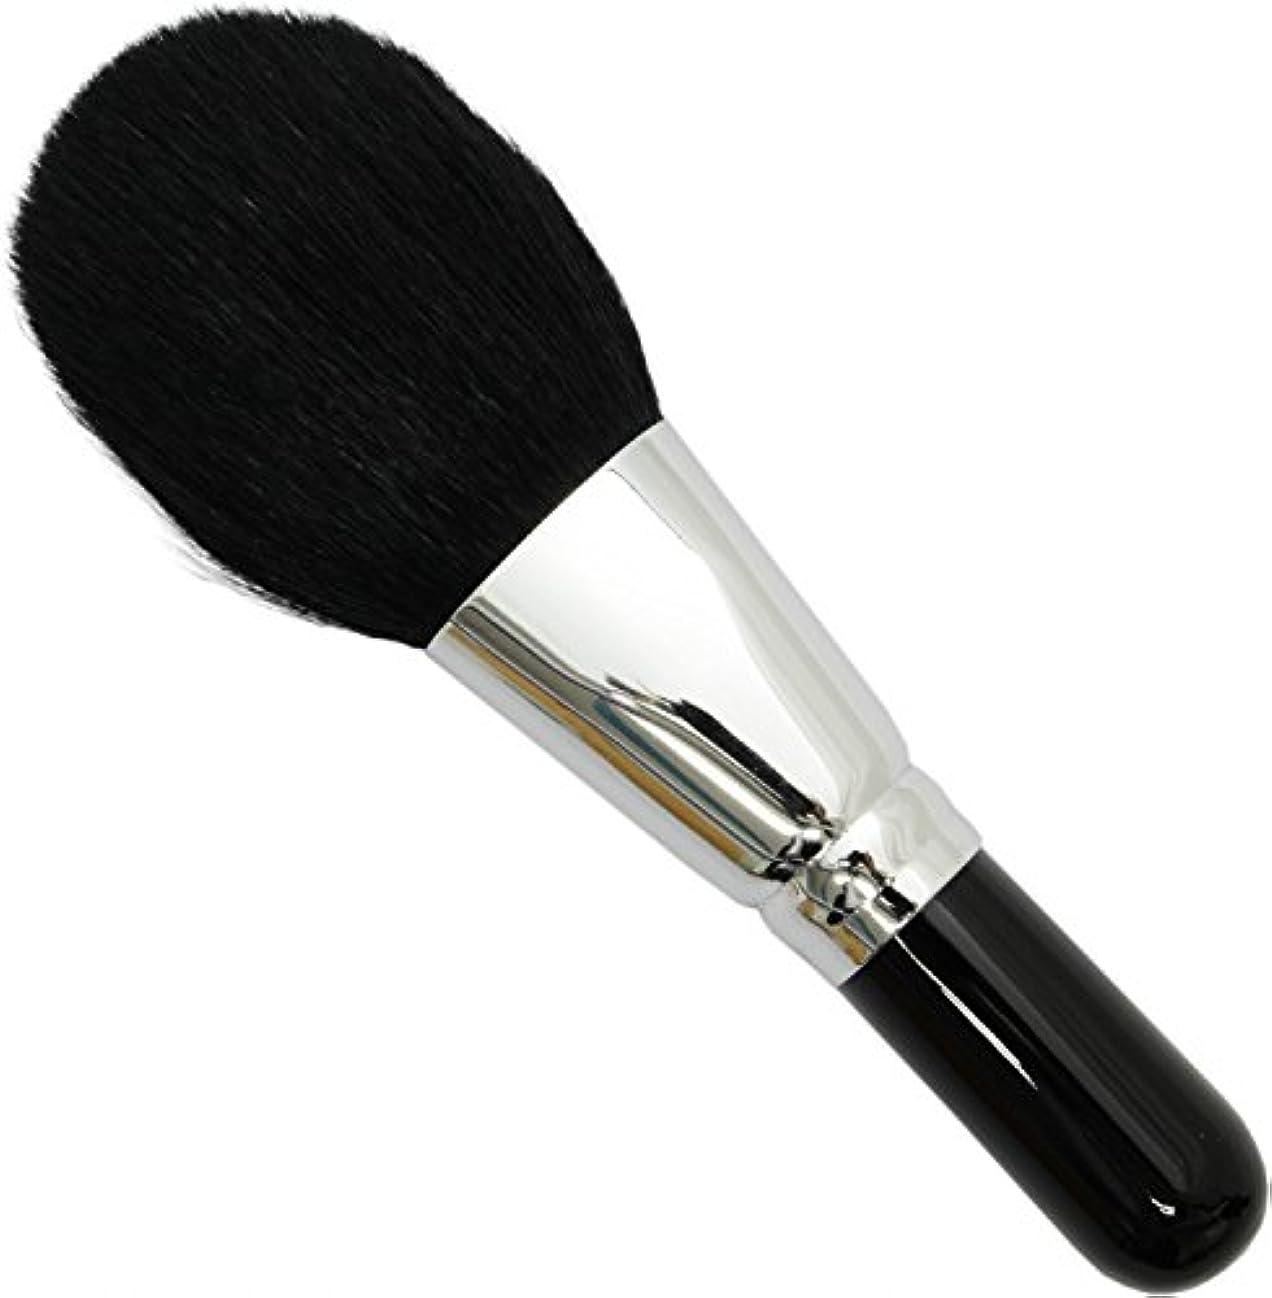 仕立て屋ボンド骨髄熊野筆 メイクブラシ SRシリーズ フェイスブラシ 山羊毛